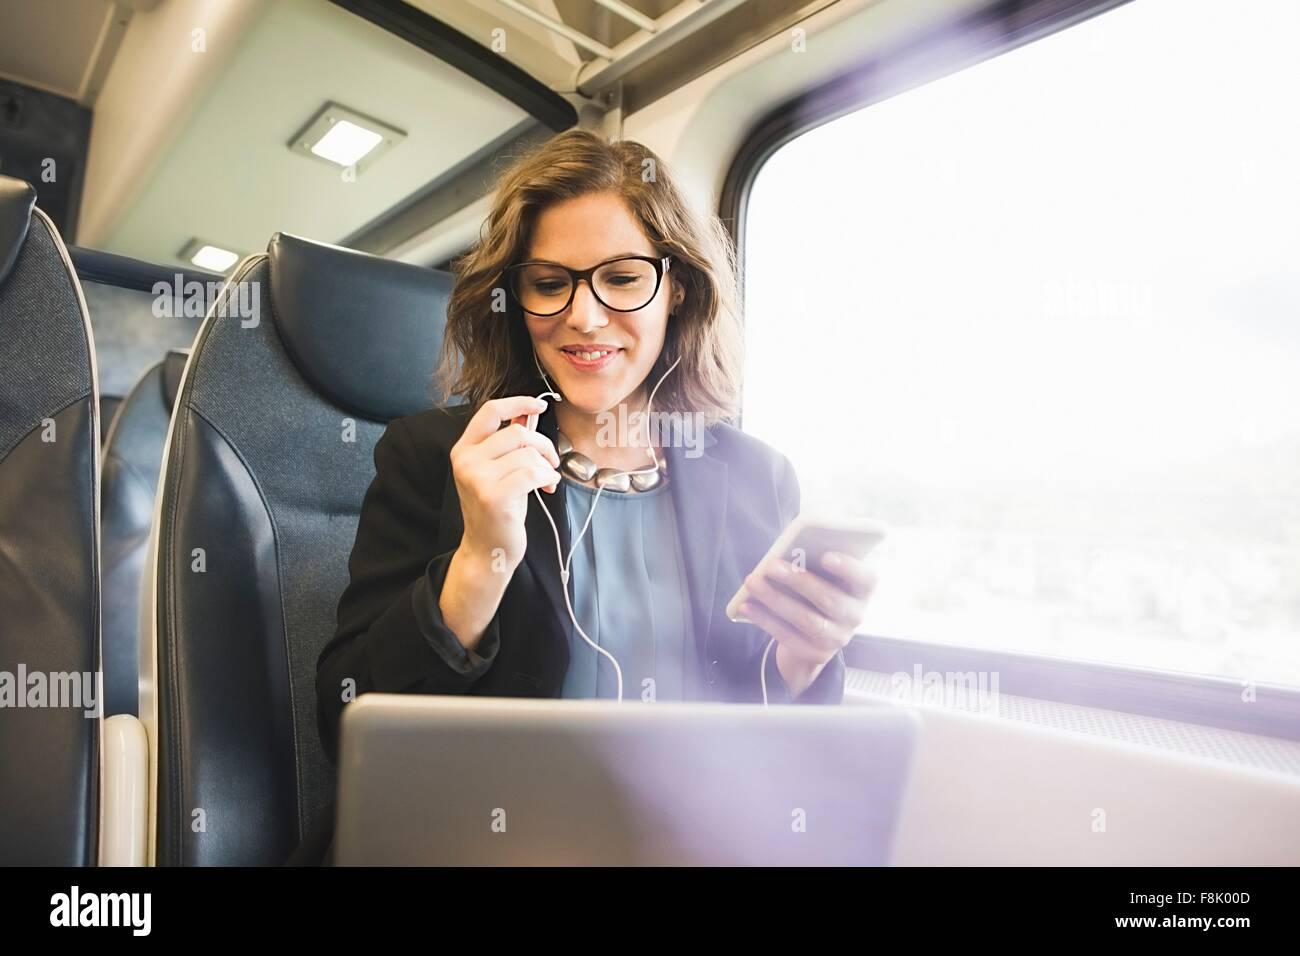 Mitad mujer adulta en el tren, sujetando el smartphone, mirando portátil Imagen De Stock